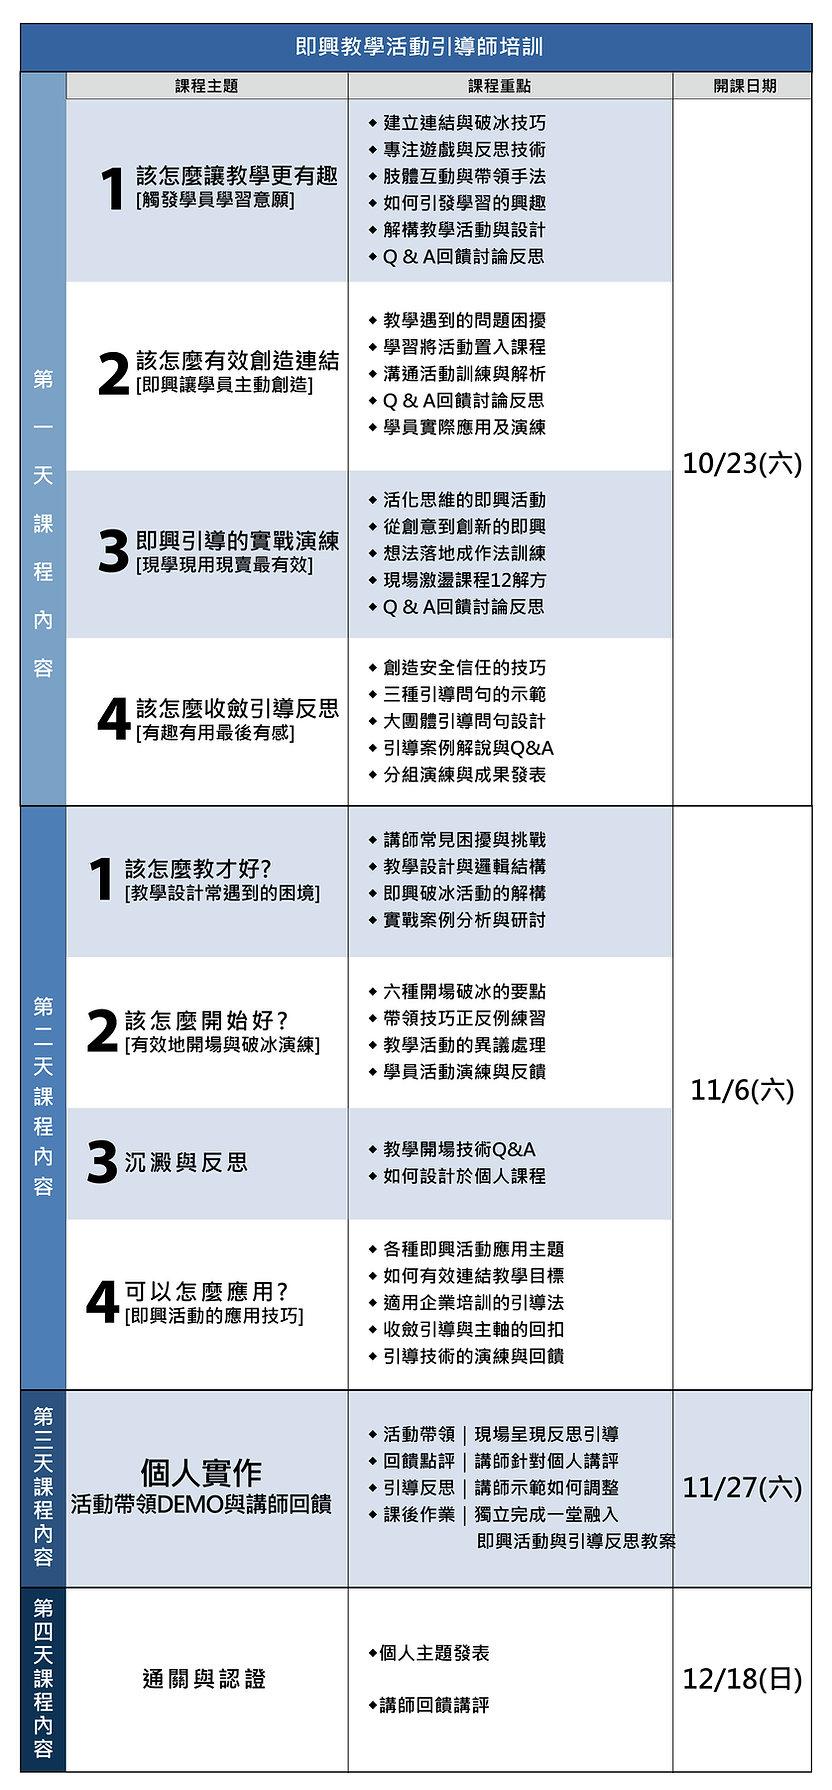 即興教學活動引導師_第三期課程時間表.jpg